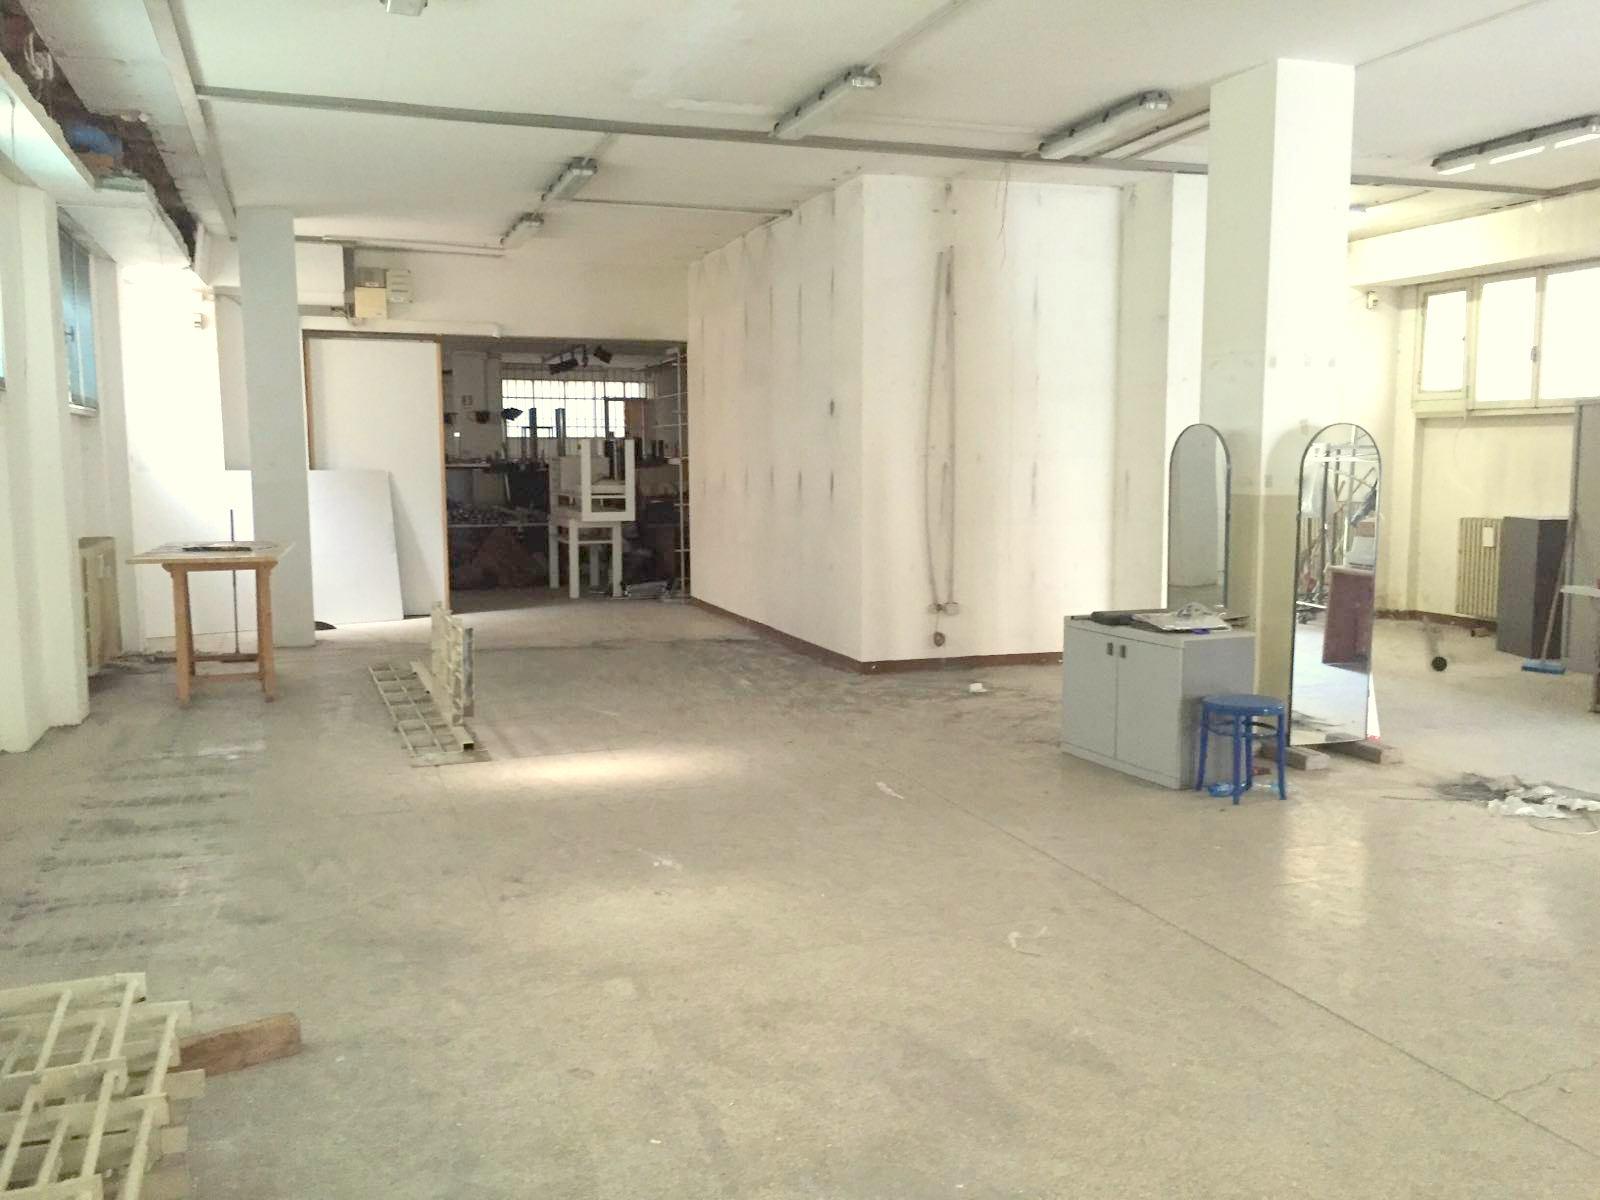 Zona poste centrali signorile negozio